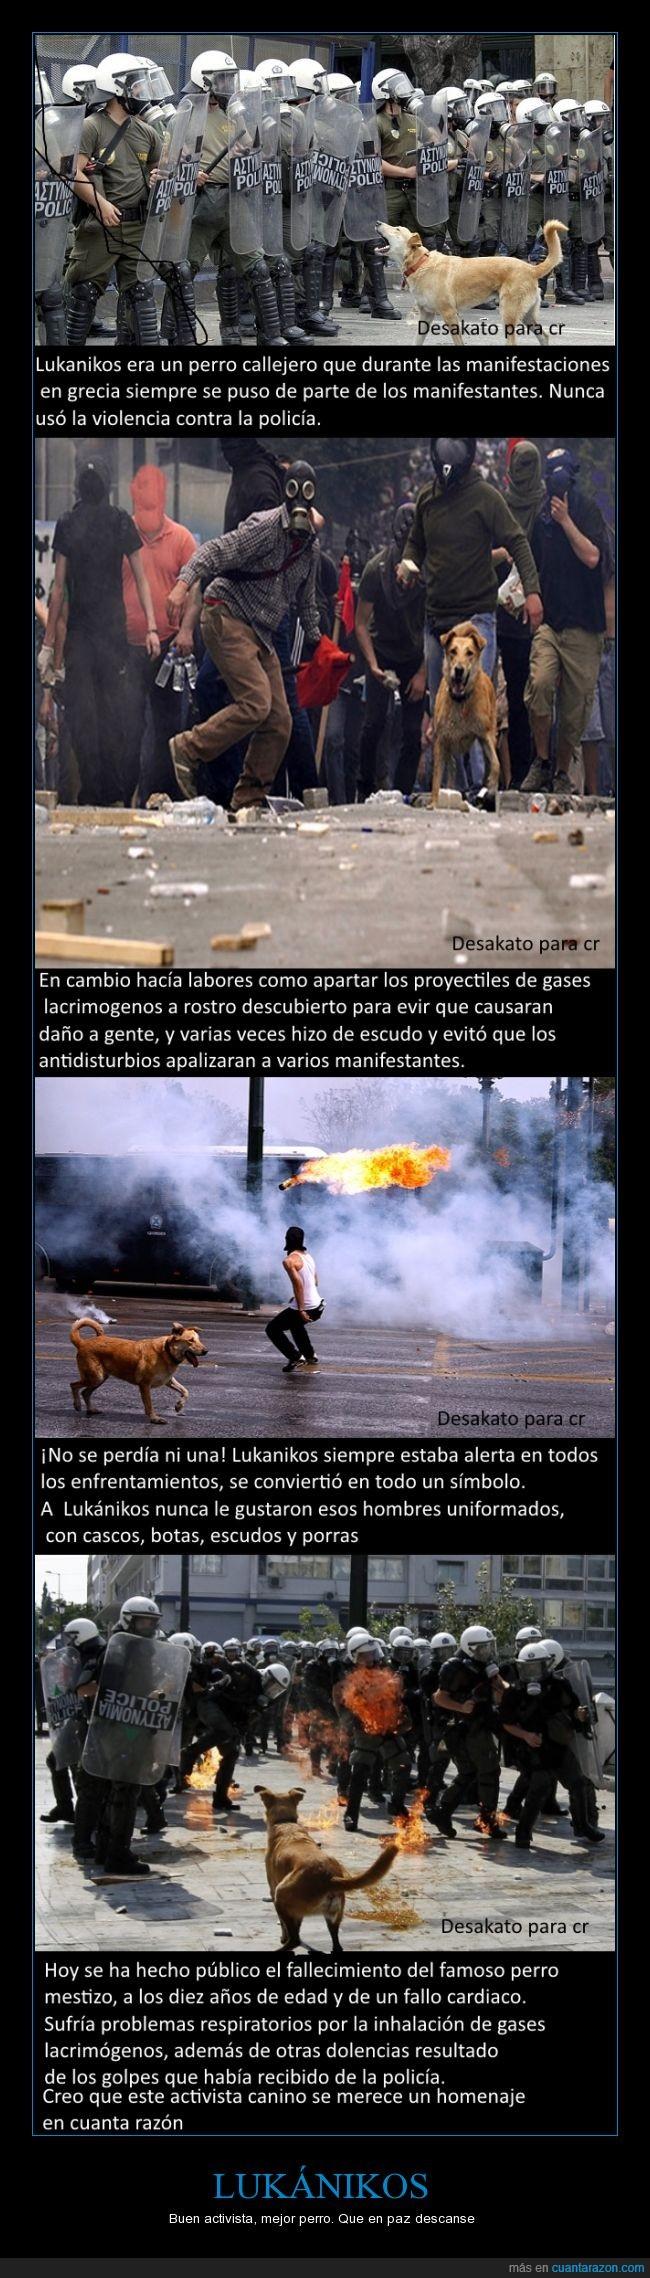 buen perro,disturbios,grecia,lukanikos,lukanikos=salchicha en griego,no le gustaban los polis,perro